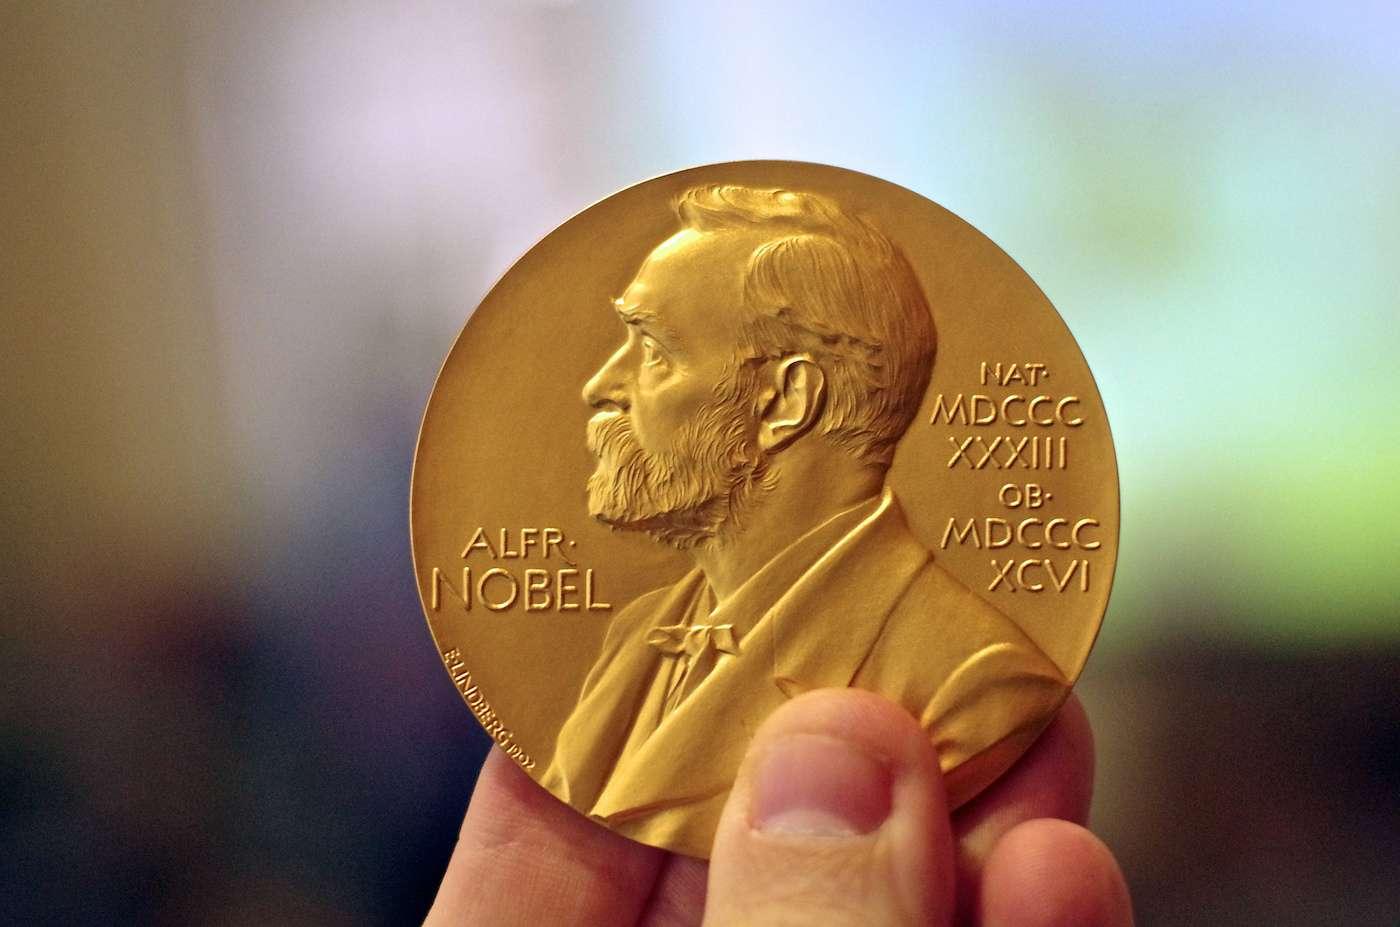 Le nobélium a été baptisé en l'honneur du chimiste suédois Alfred Nobel. © Adam Baker, Flickr, CC by-nc 2.0